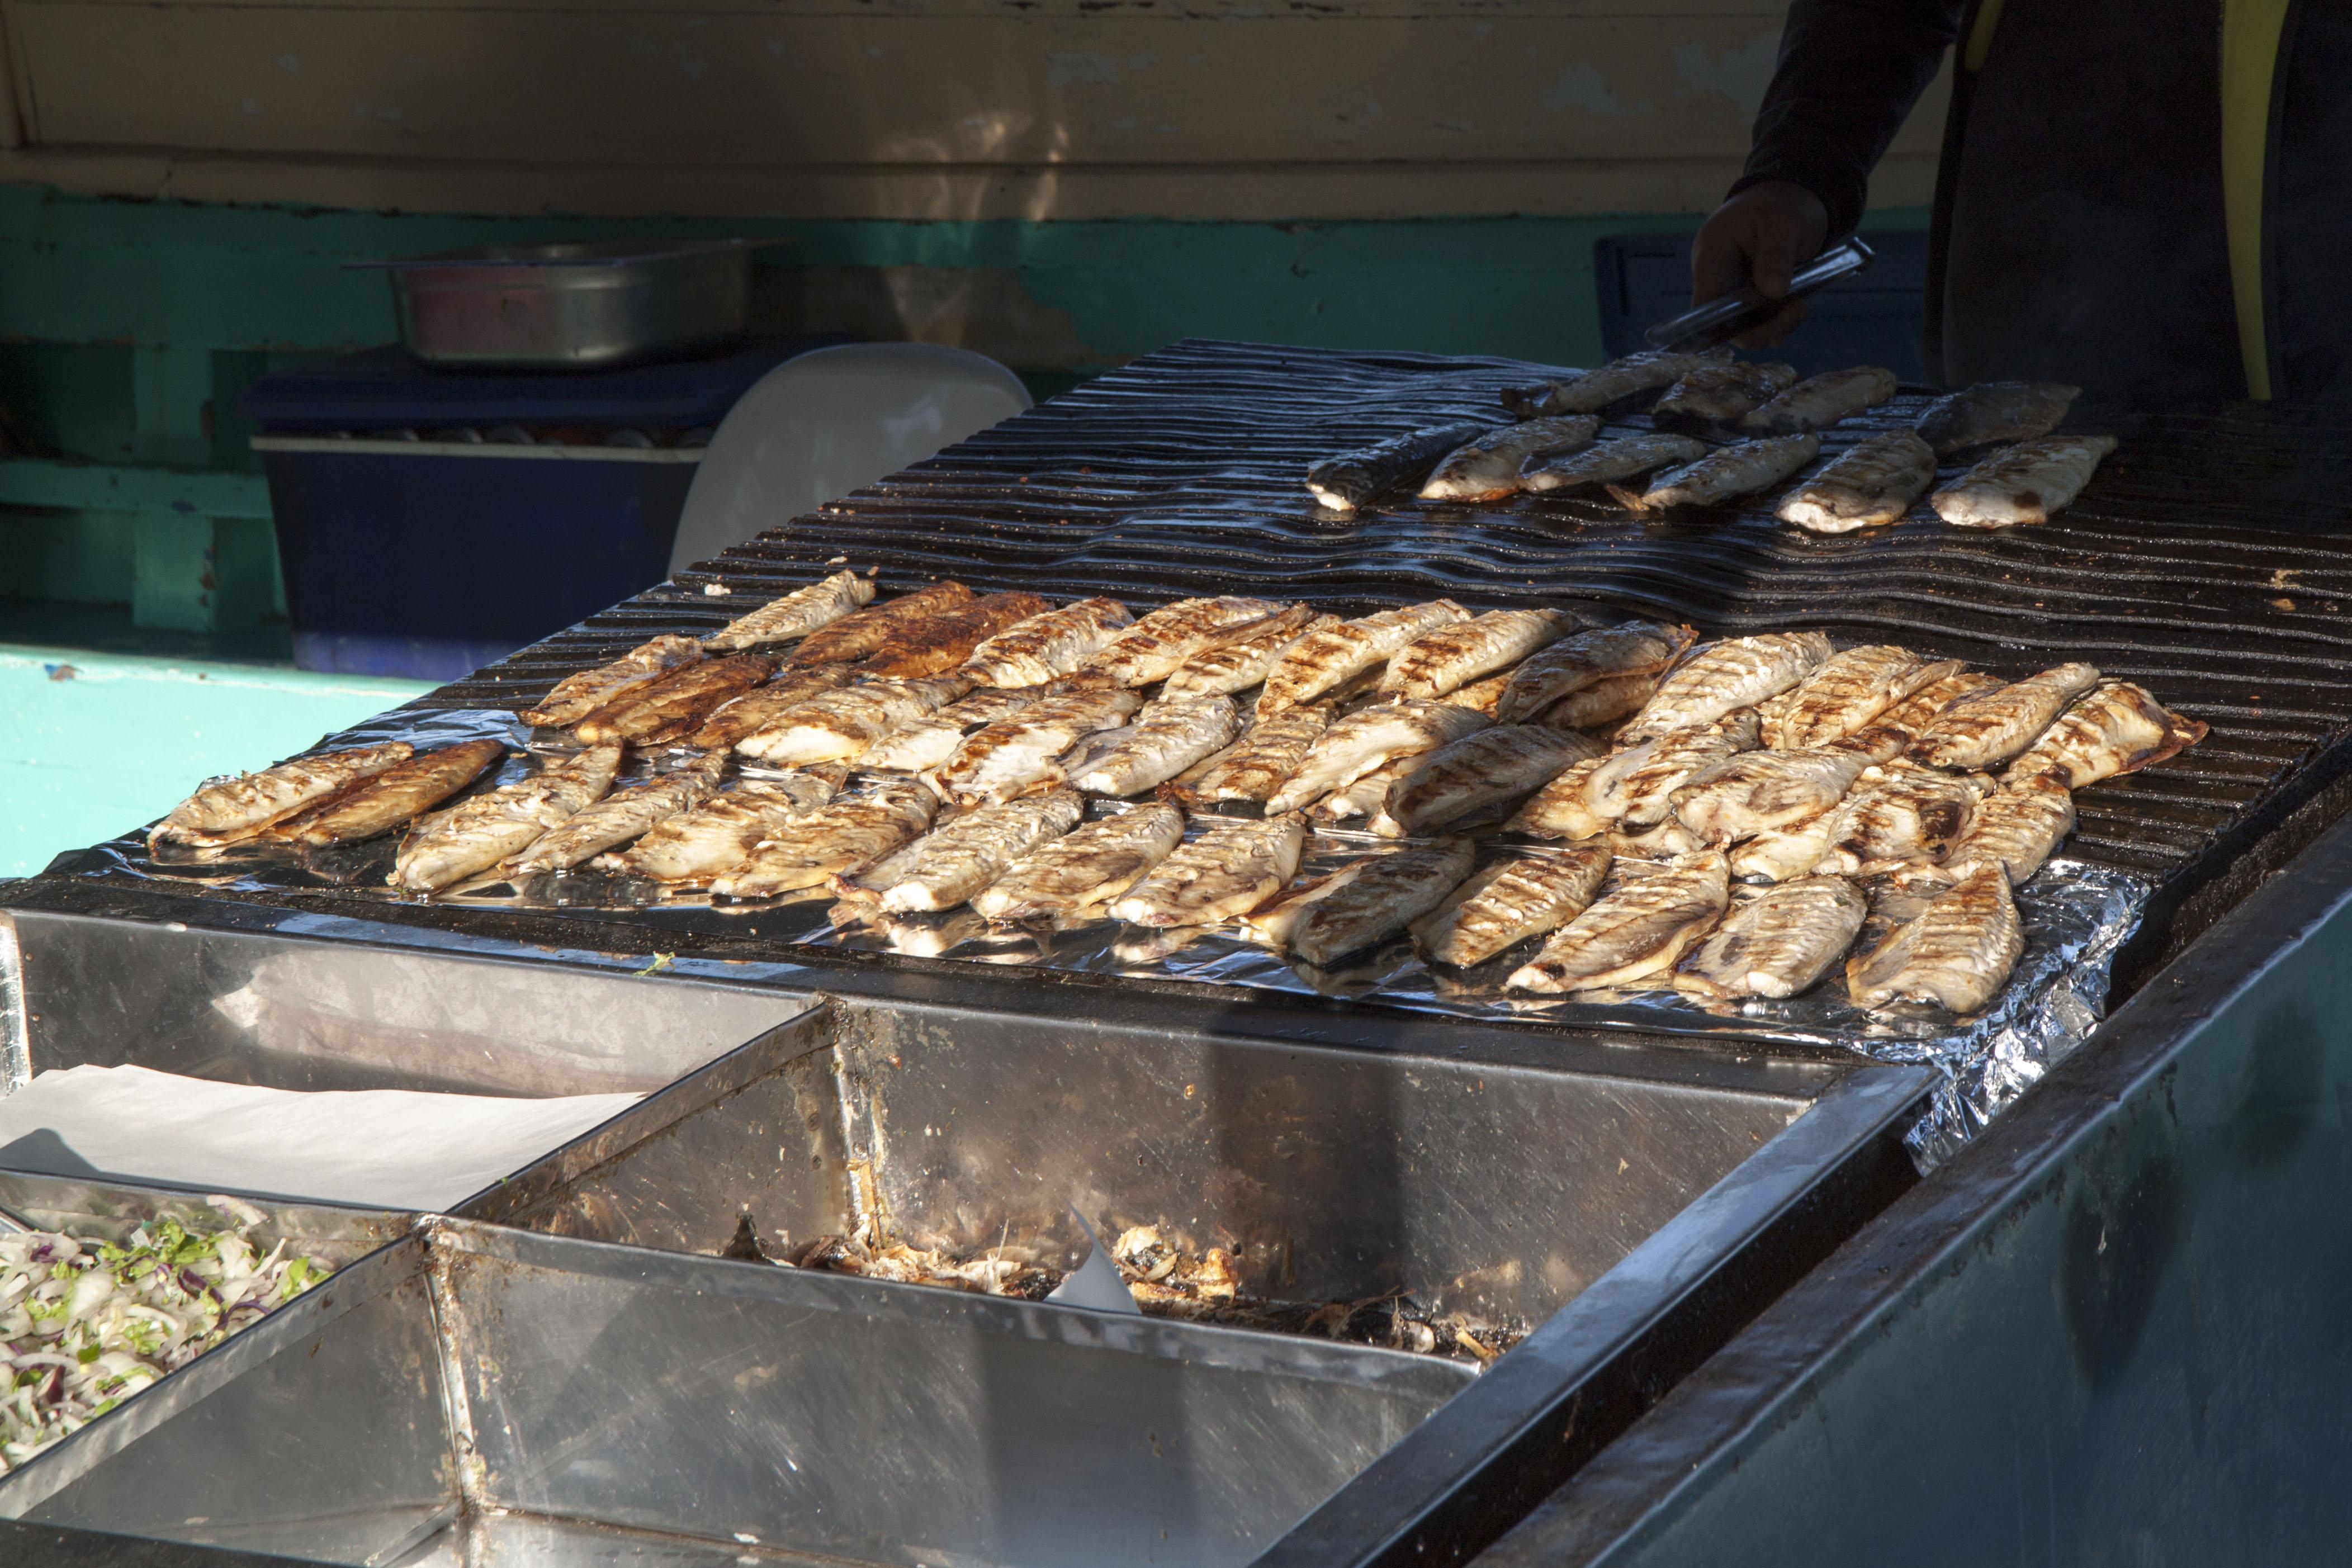 Печена скумрия, която ще се превърне във вкусен сандвич - balık ekmek (буквално риба хляб)